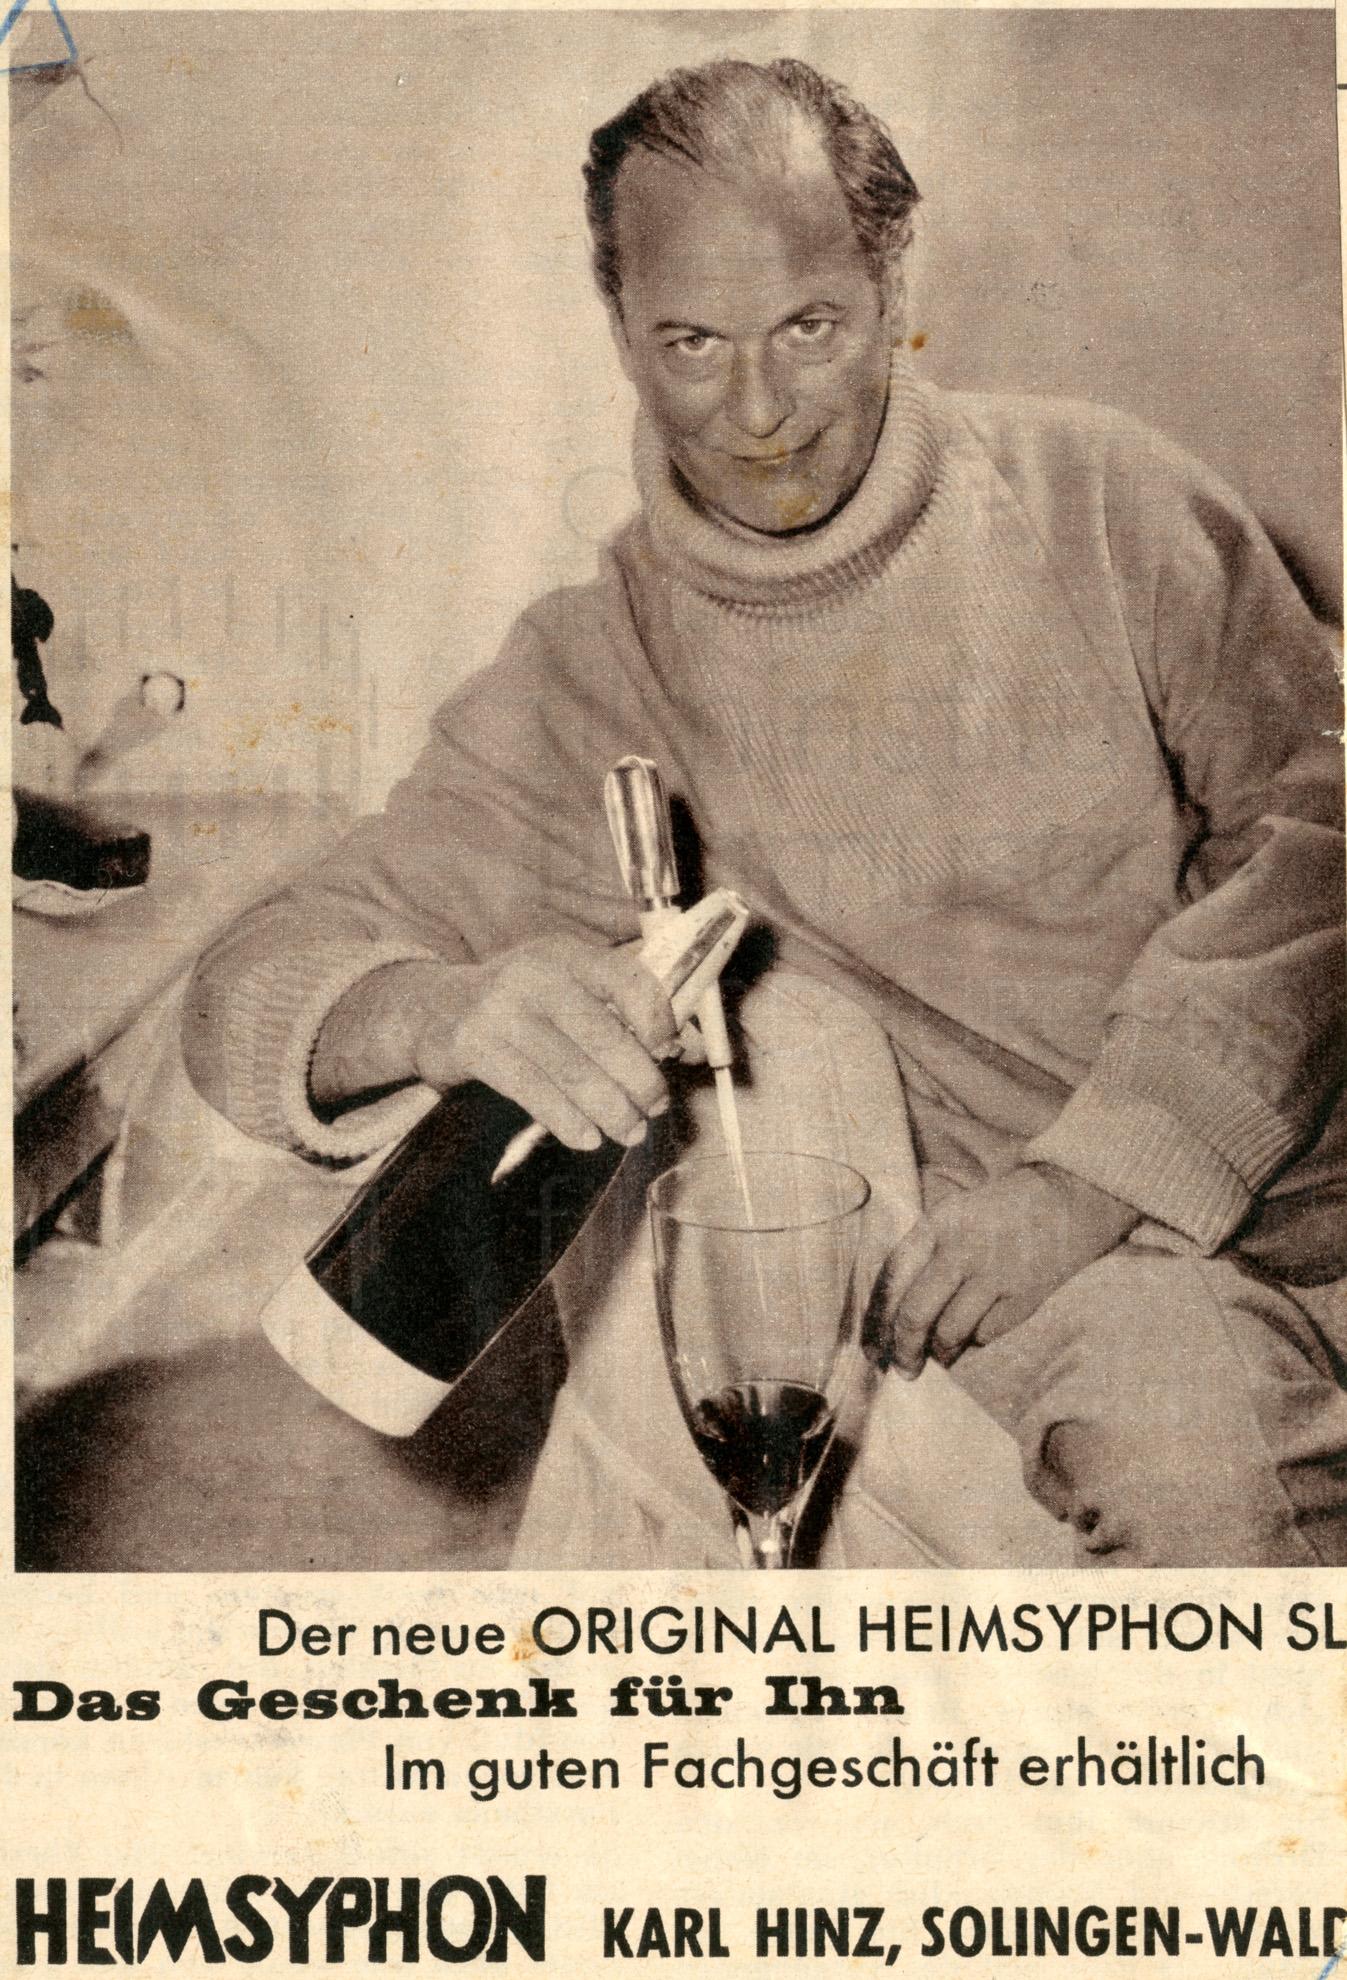 Werbung für HEIMSYPHON, 1960